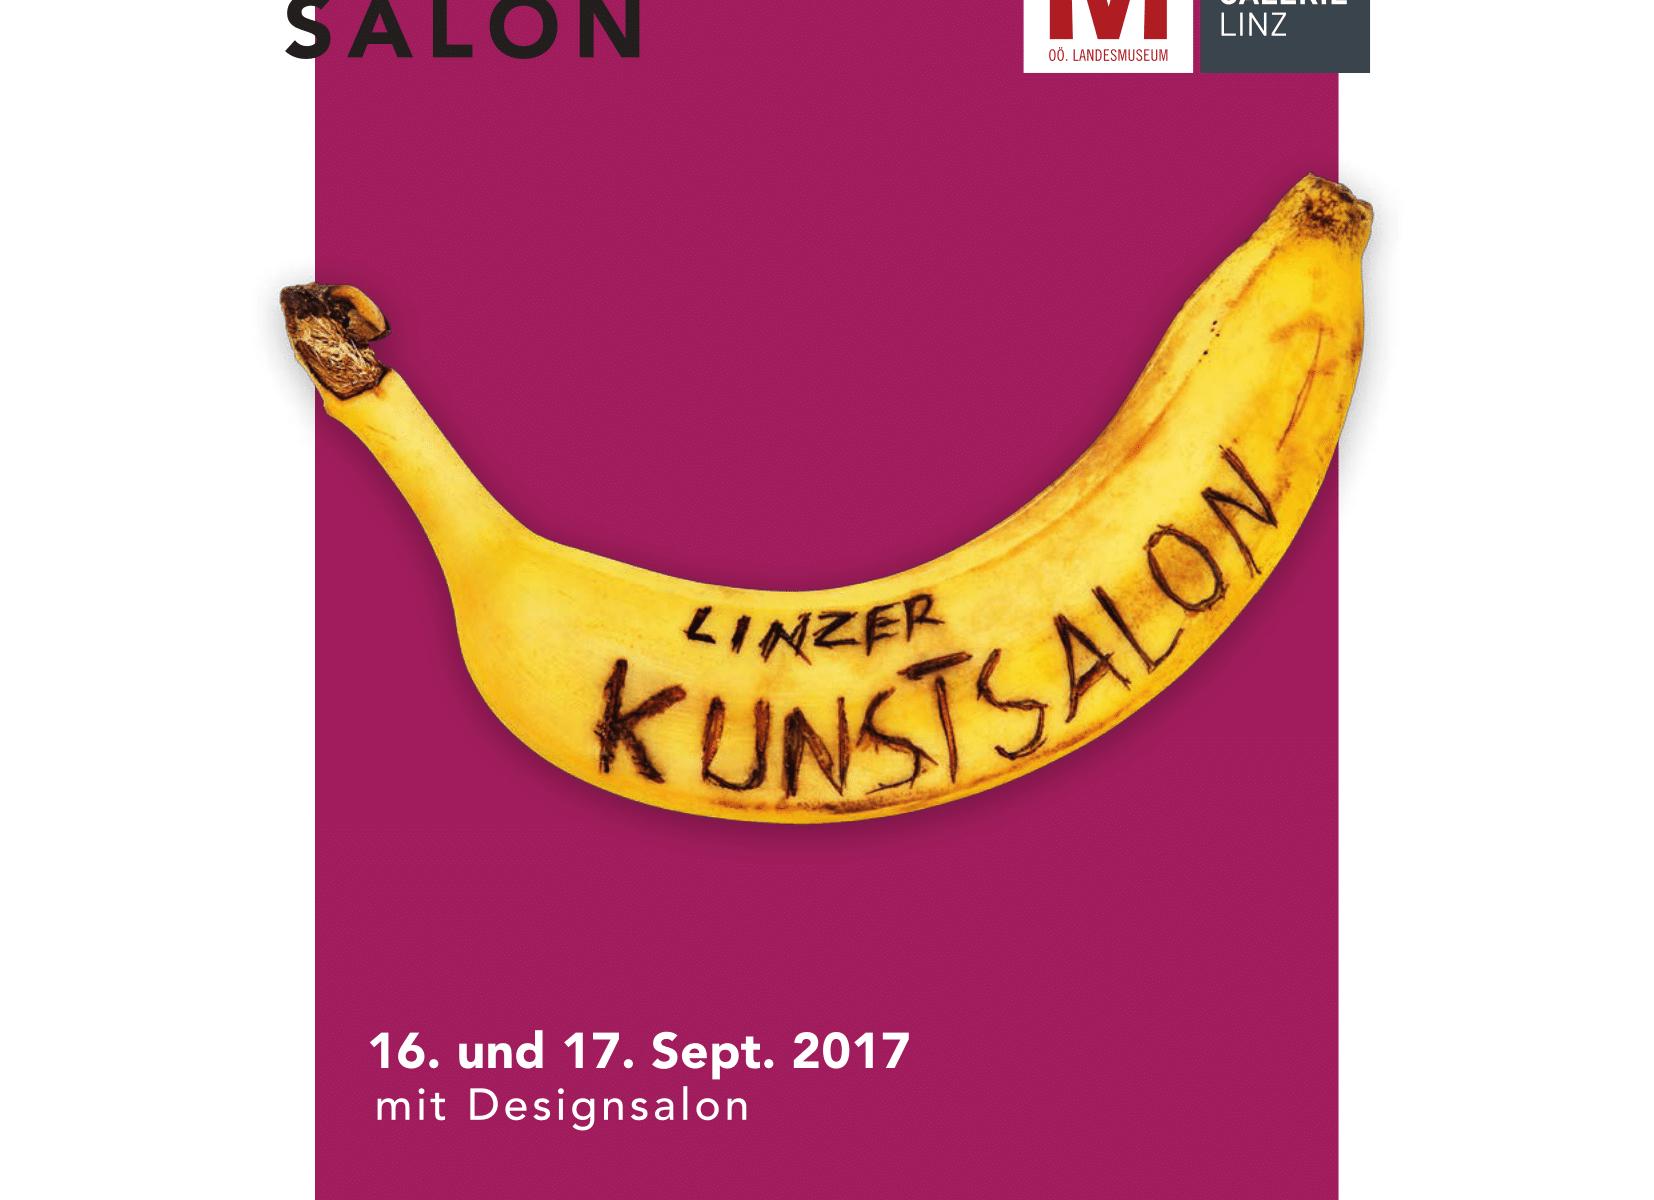 Eröffnung des Linzer Kunstsalons